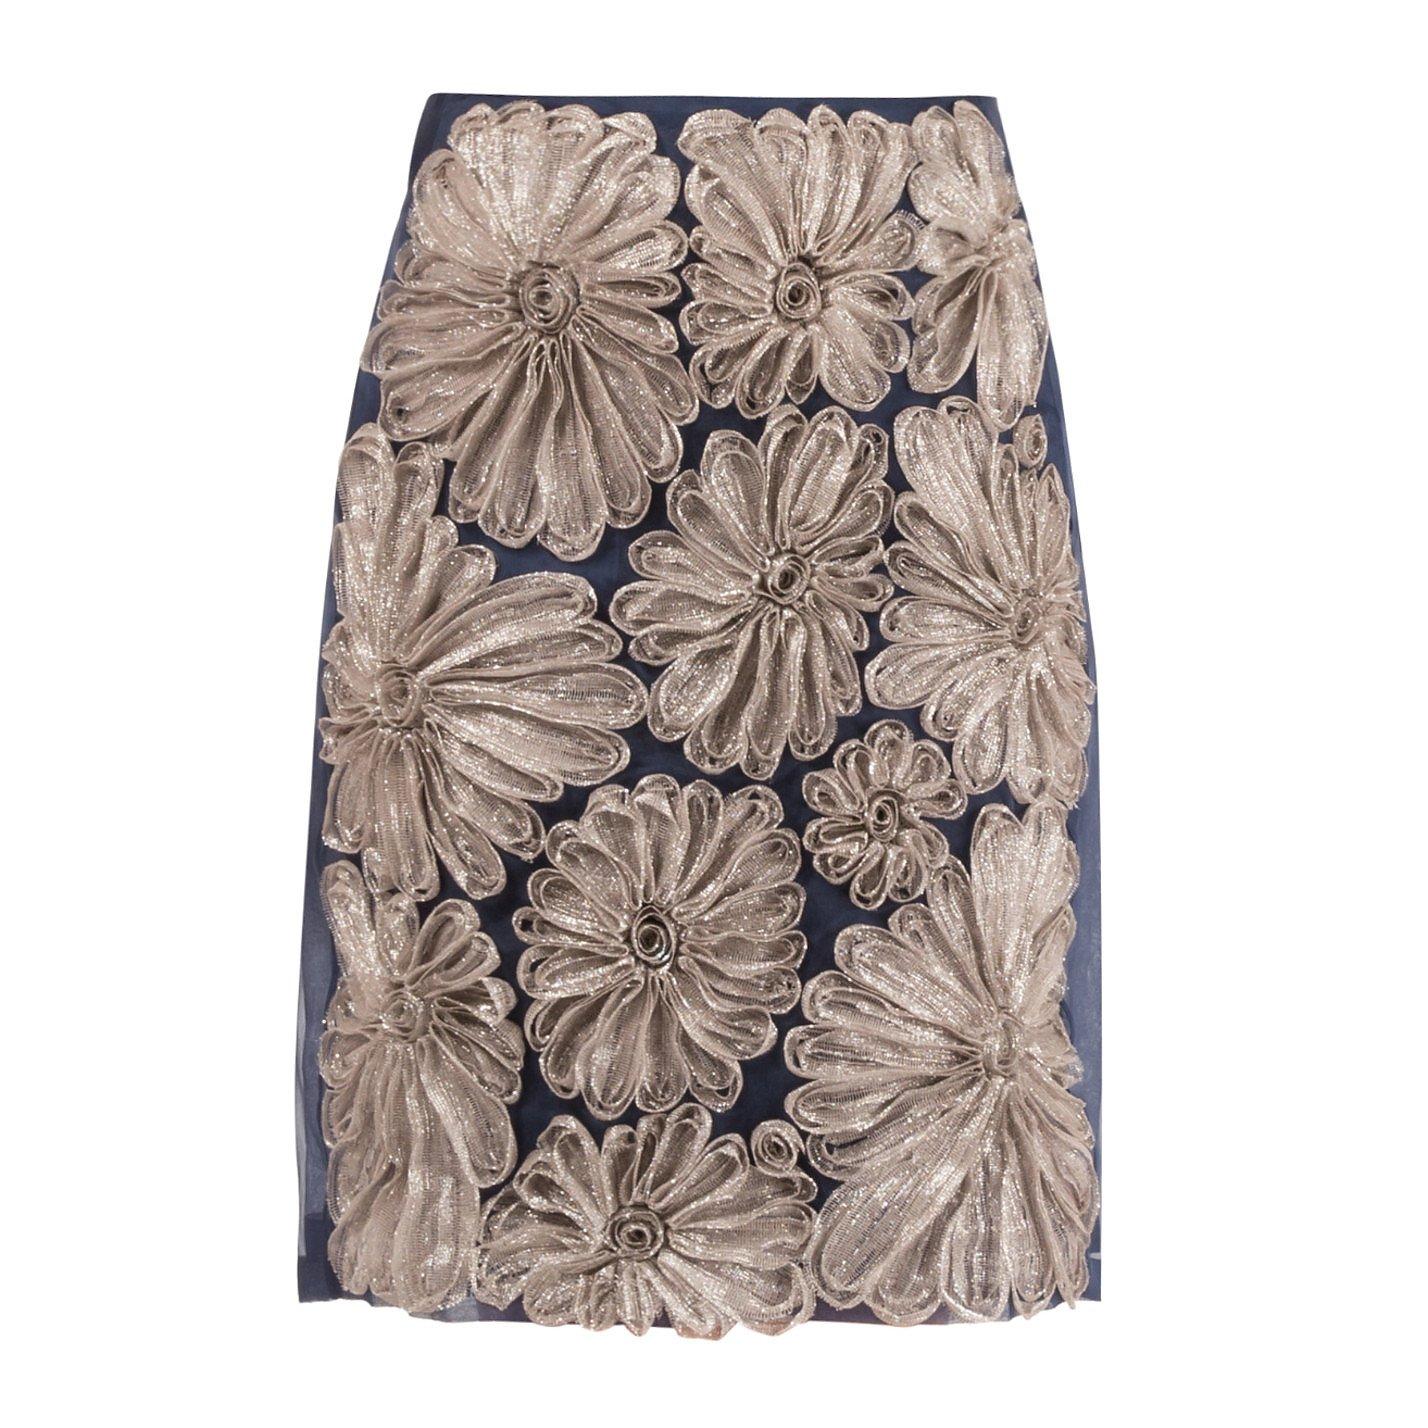 DRIES VAN NOTEN Floral Applique Skirt